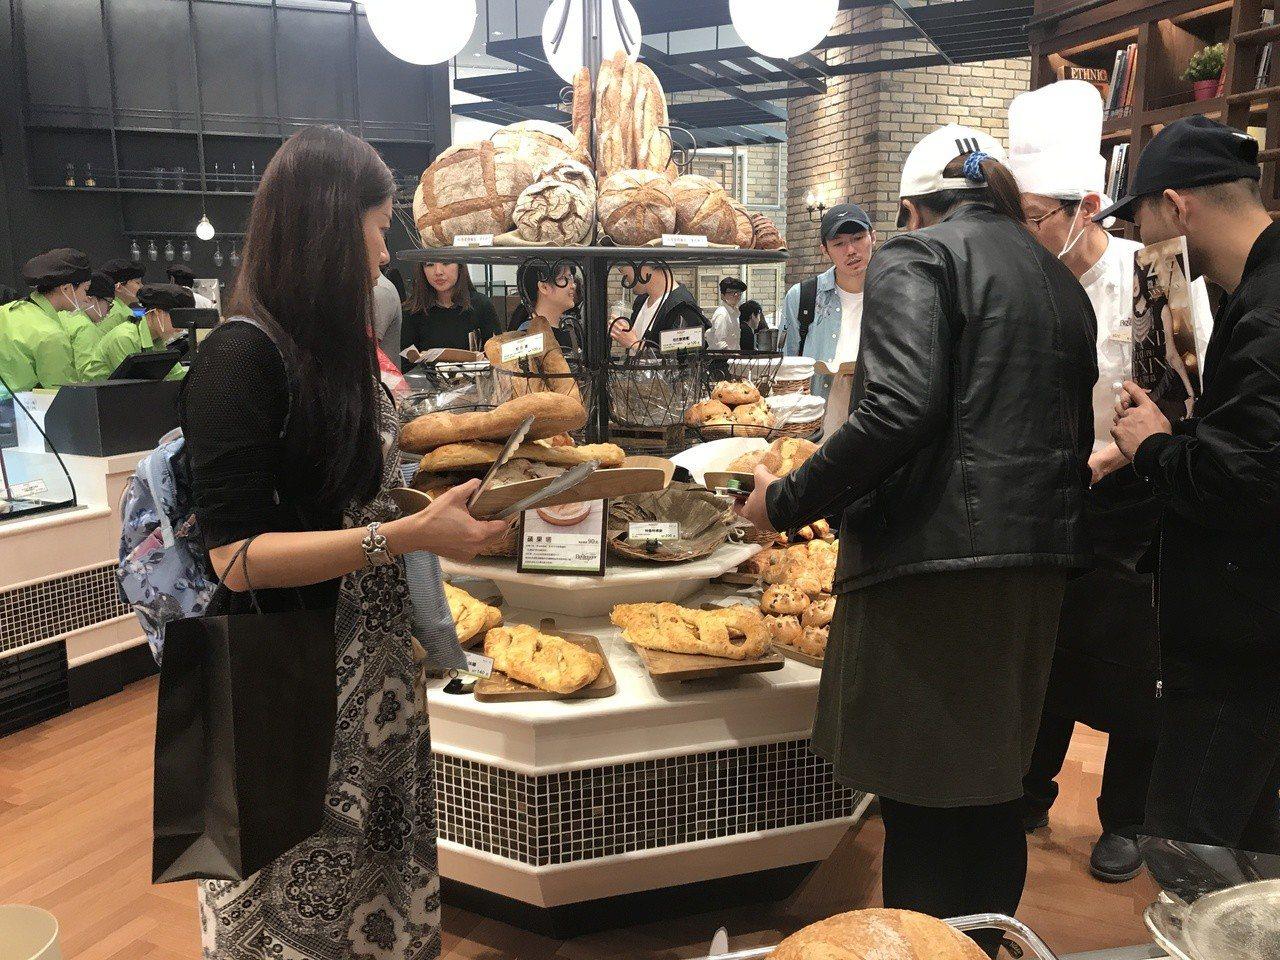 le Boulanger de monge一開幕店內人氣相當高。記者江佩君/攝影